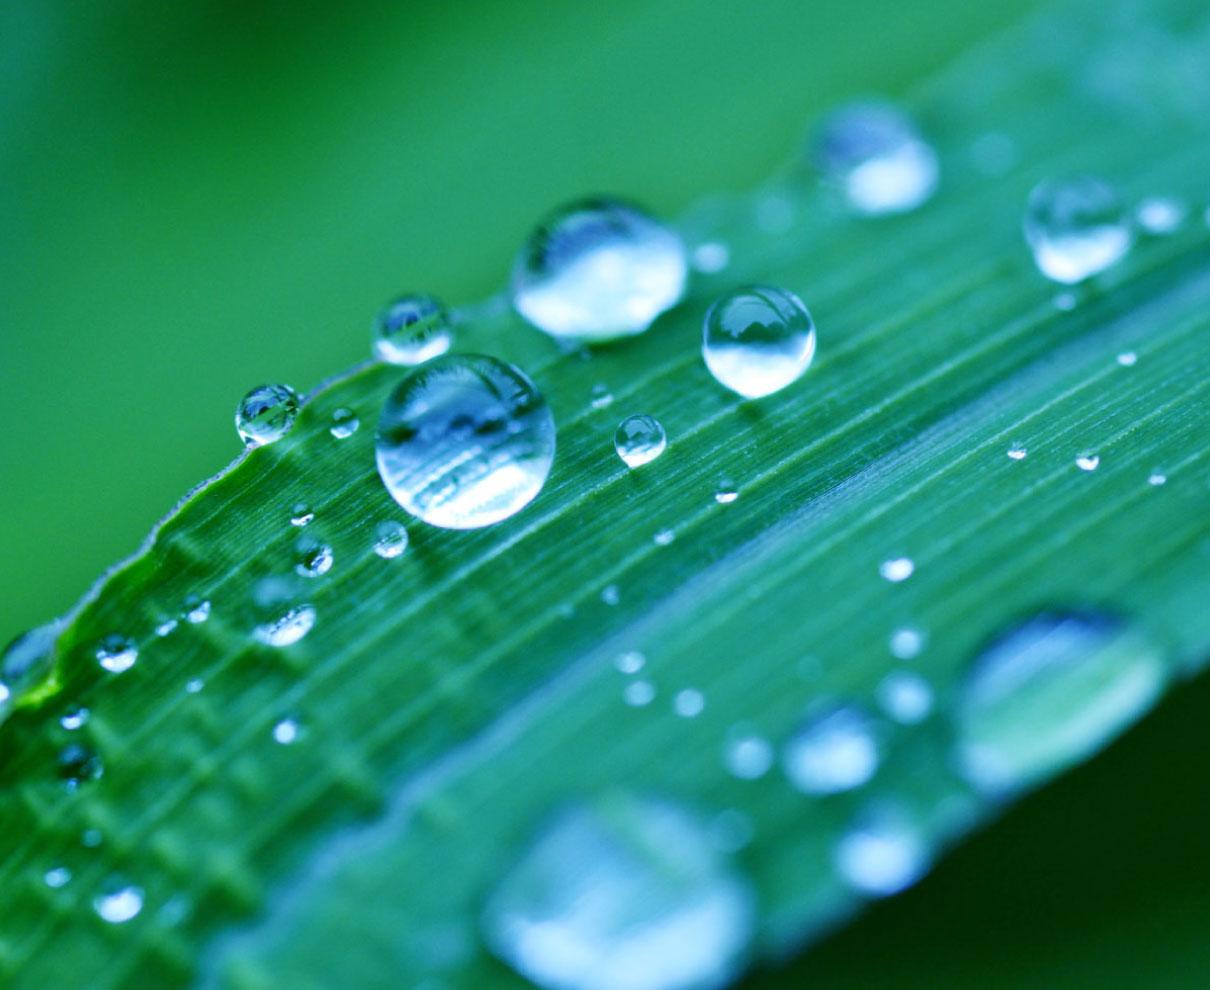 うっとうしいだけじゃない。ちょっとマニアックな雨の季節の楽しみ方を。